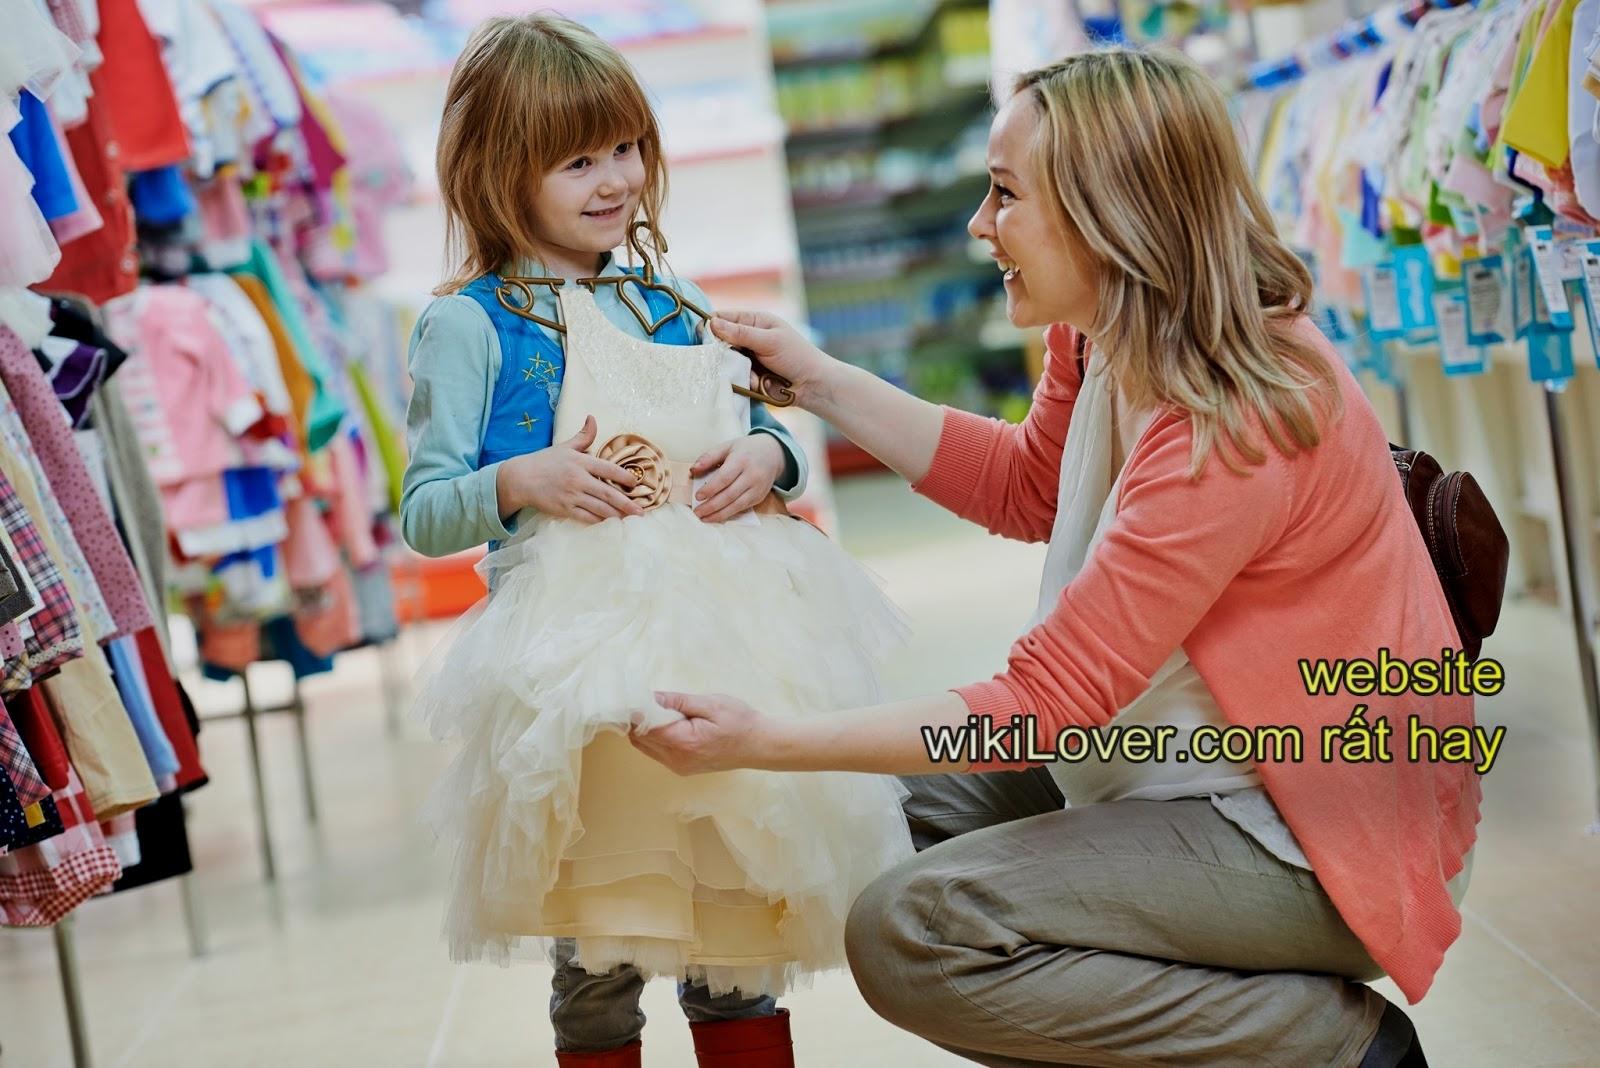 Bán quần áo trẻ em có cần chạy quảng cáo trên facebook không các mẹ nhỉ